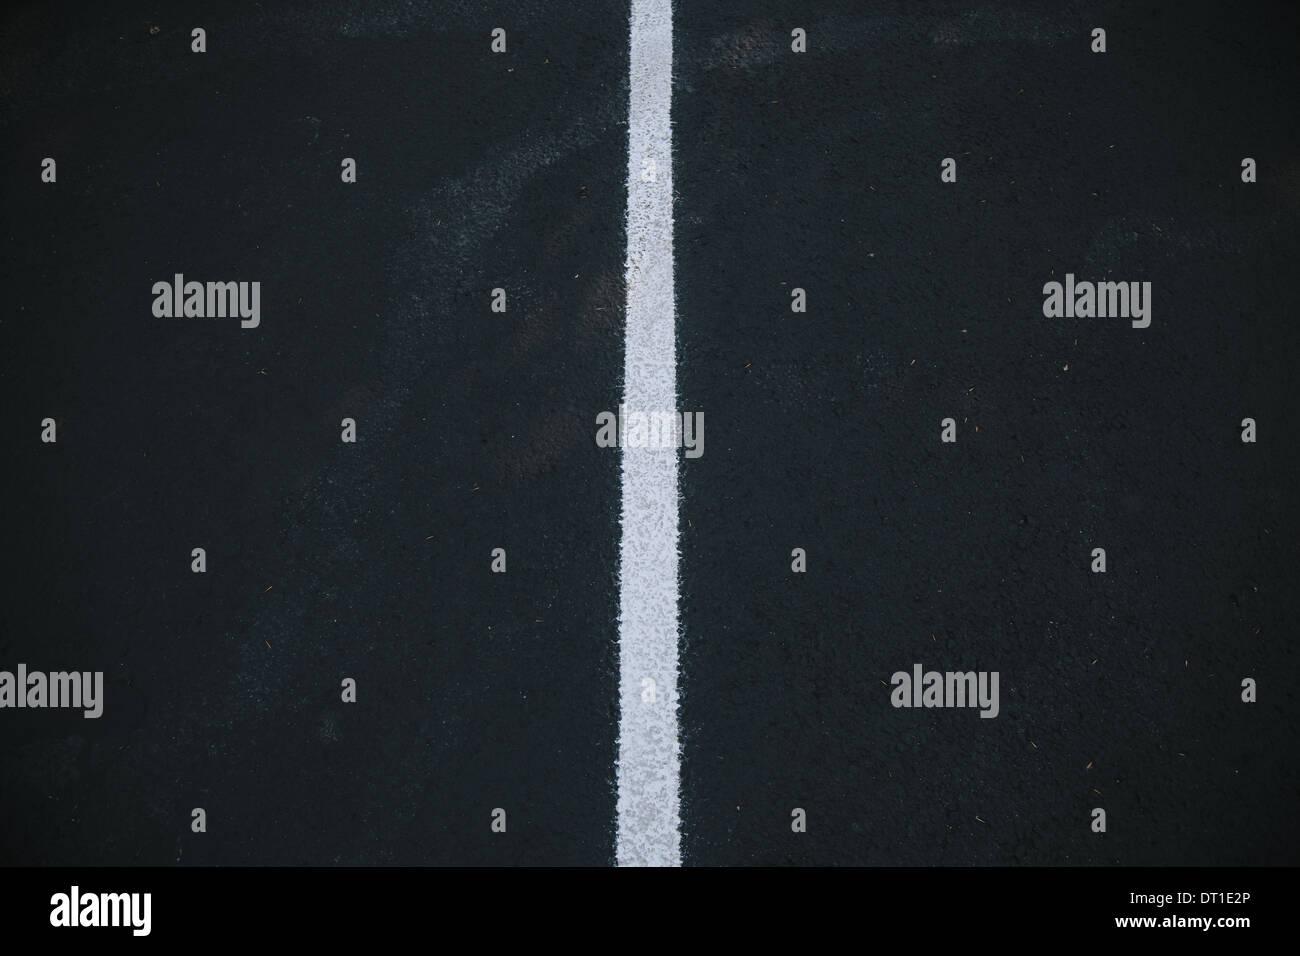 El estado de Washington, EE.UU. línea central blanco sobre superficie de asfalto negro Imagen De Stock